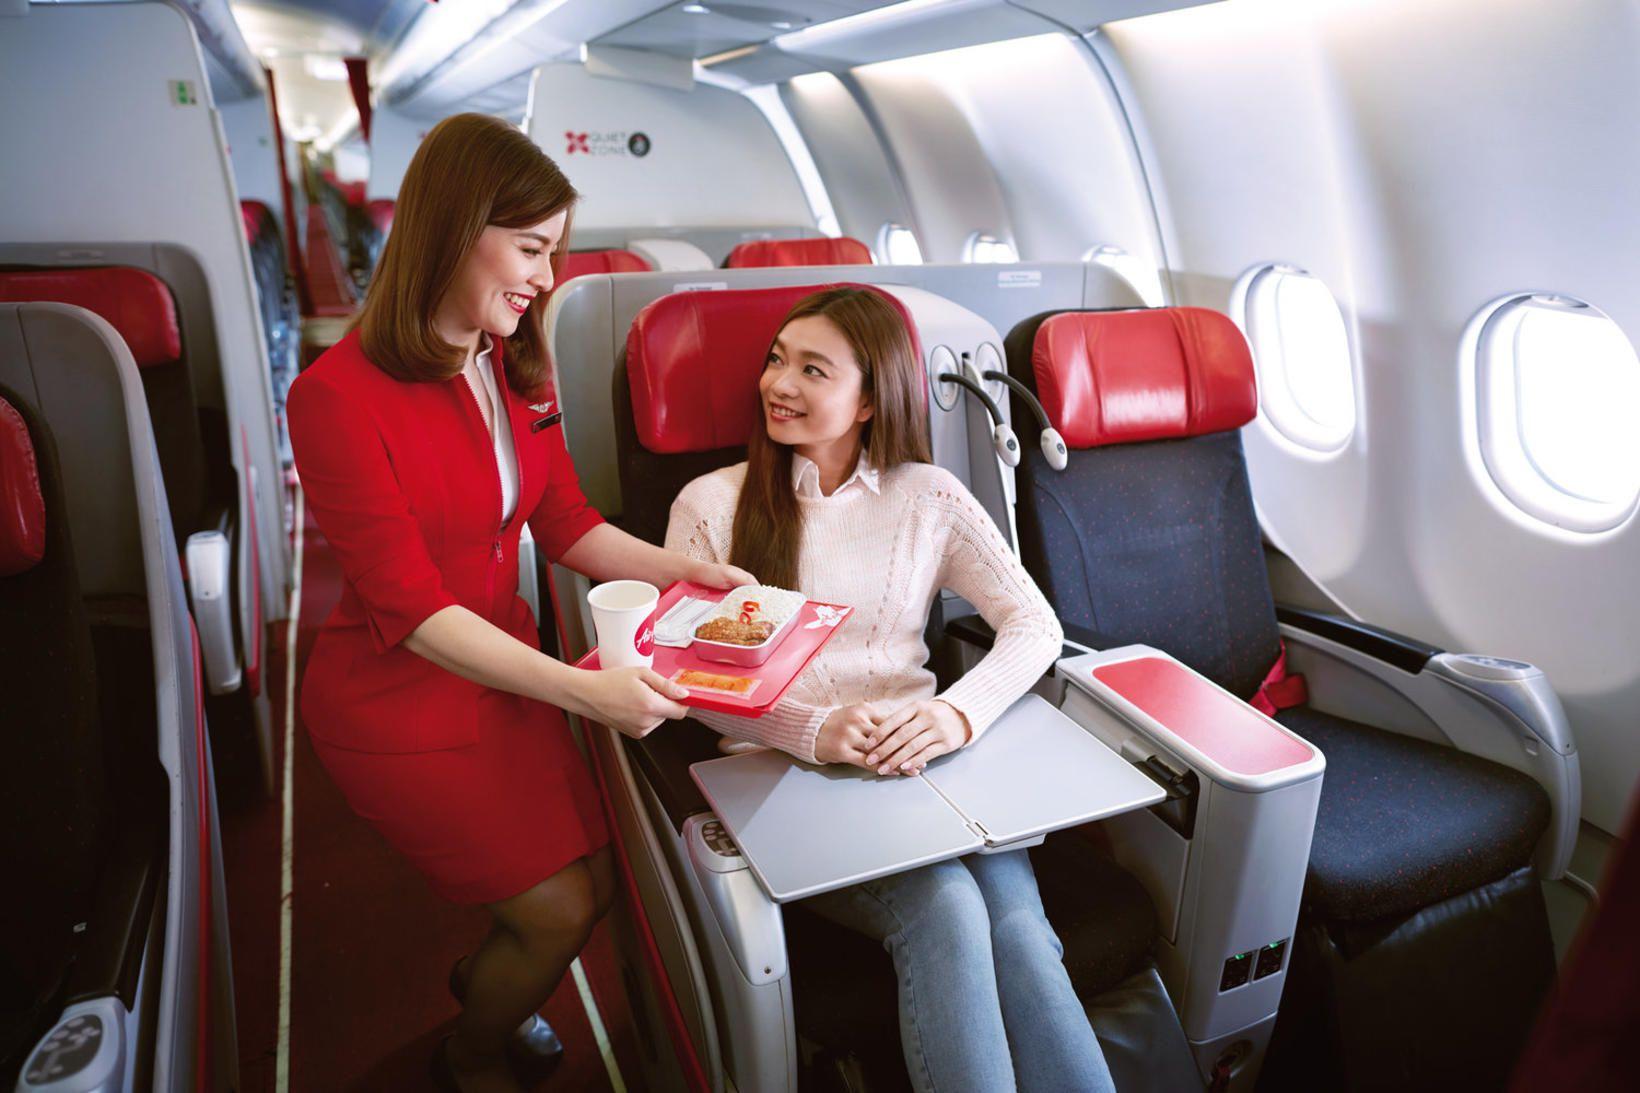 Namm! Flugvélamaturinn hjá Air Asia er svo góður að viðskiptavinir …